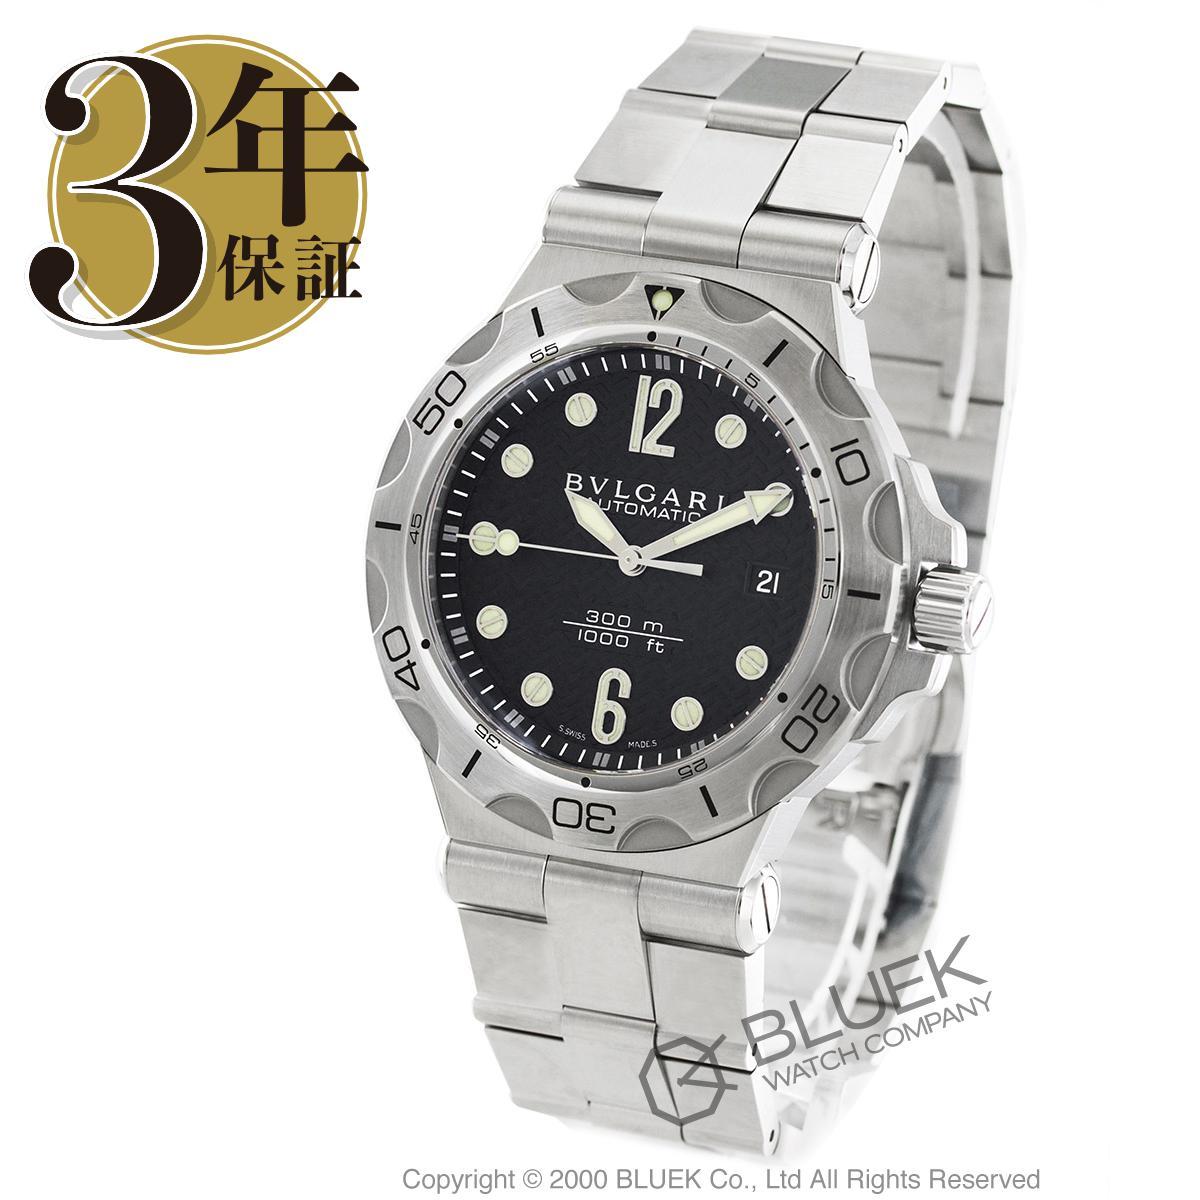 ブルガリ ディアゴノ プロフェッショナル 300m防水 腕時計 メンズ BVLGARI DP42BSSDSDVTG_8 バーゲン ギフト プレゼント